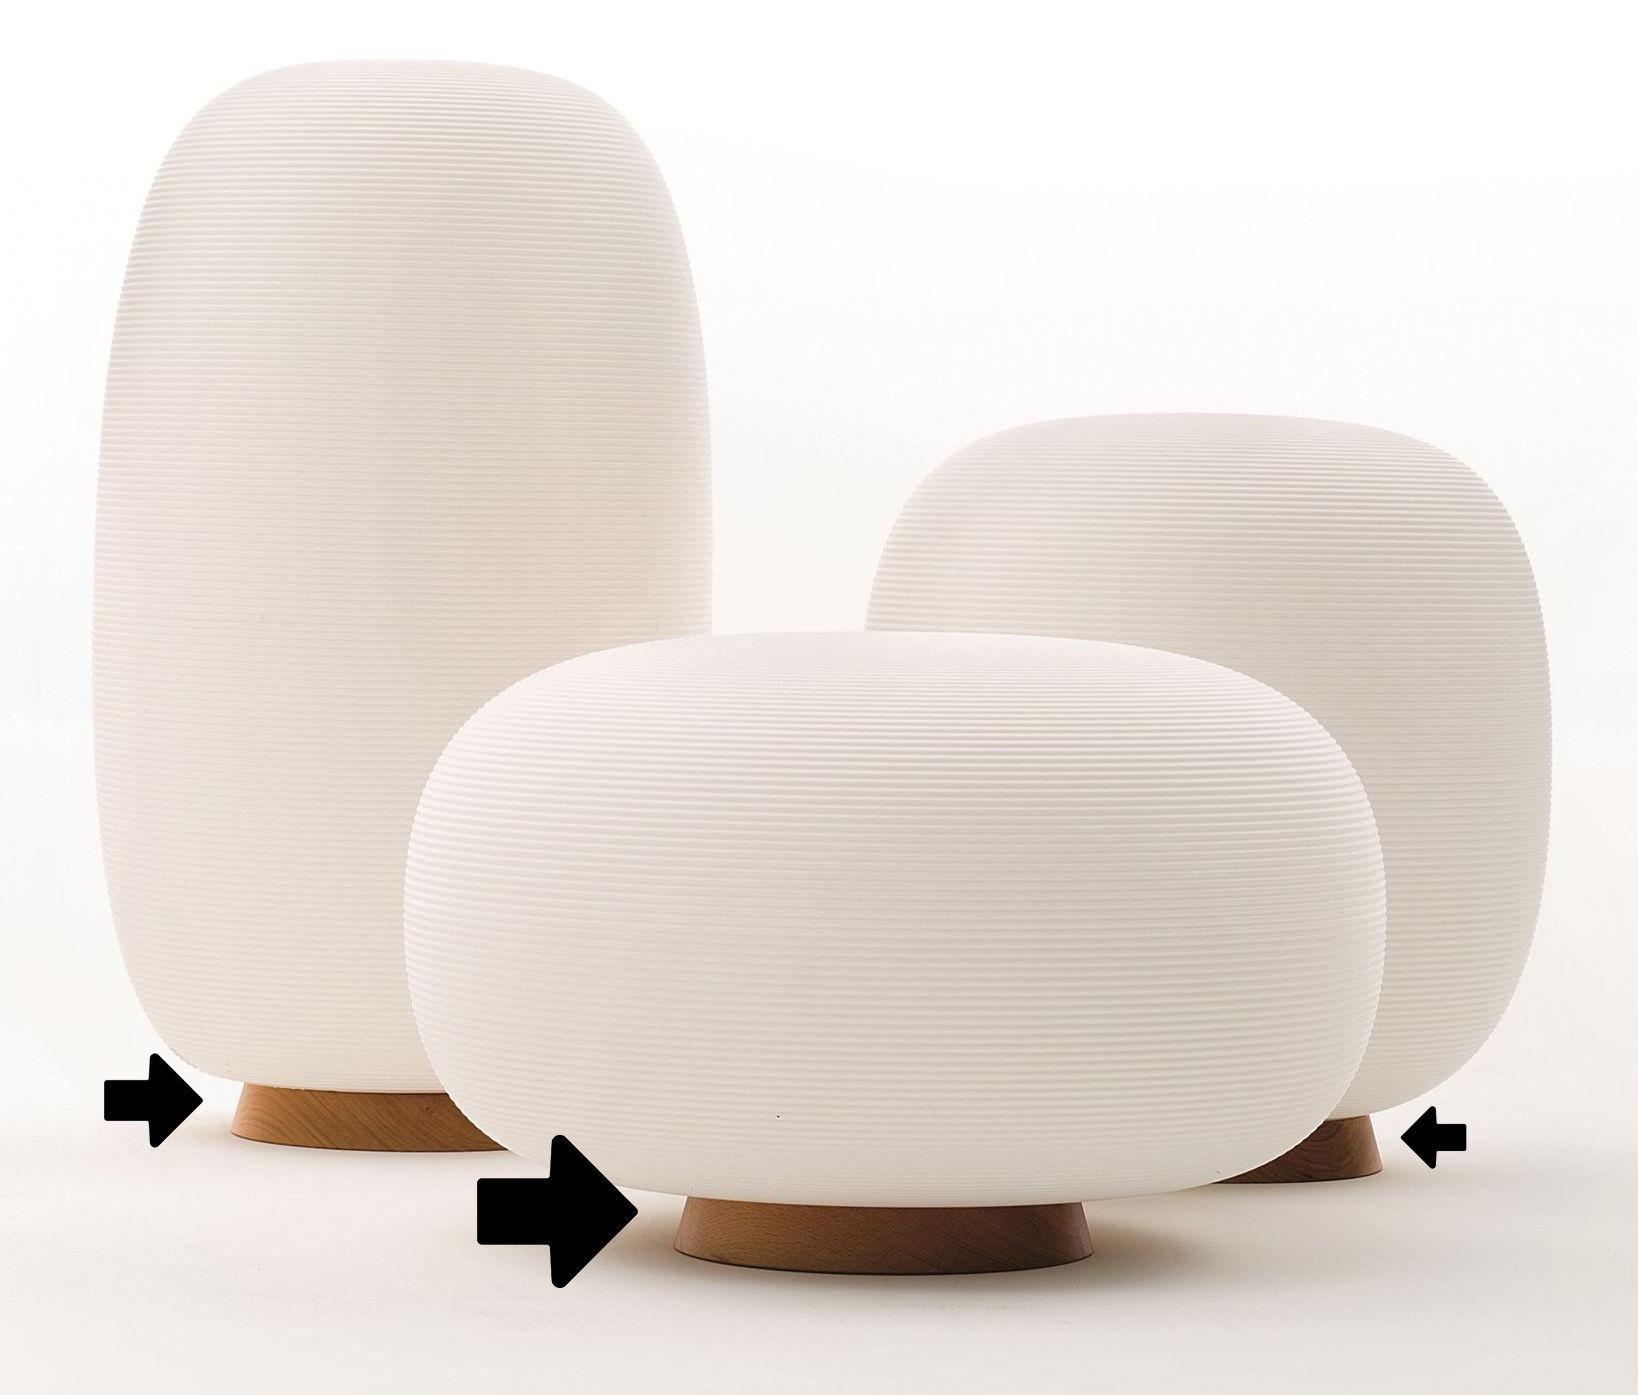 Möbel - Sitzkissen - Sockel aus Holz / für die Sitzgelegenheiten und Lampen aus der Kollektion